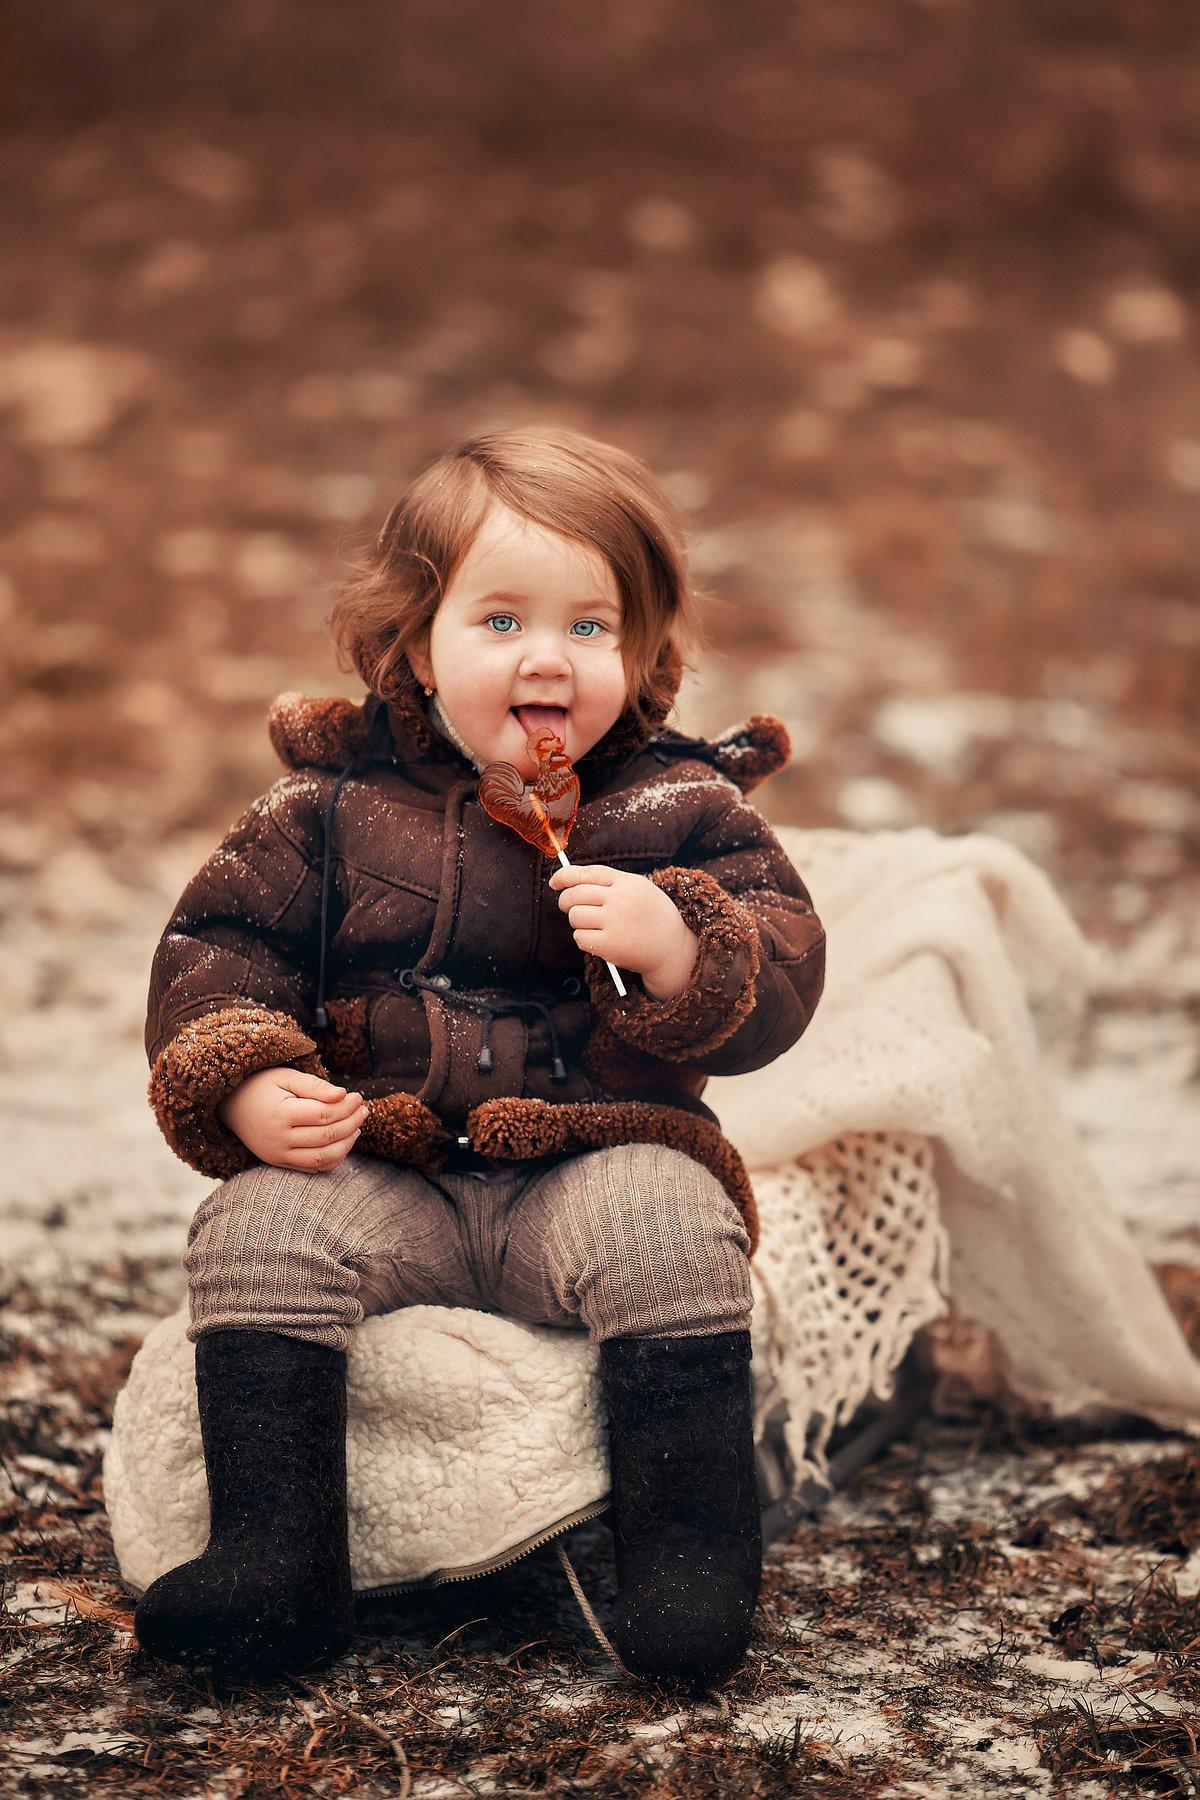 детская фотосессия, дети модели, СССР, зимняя фотосессия, Чупико Анастасия